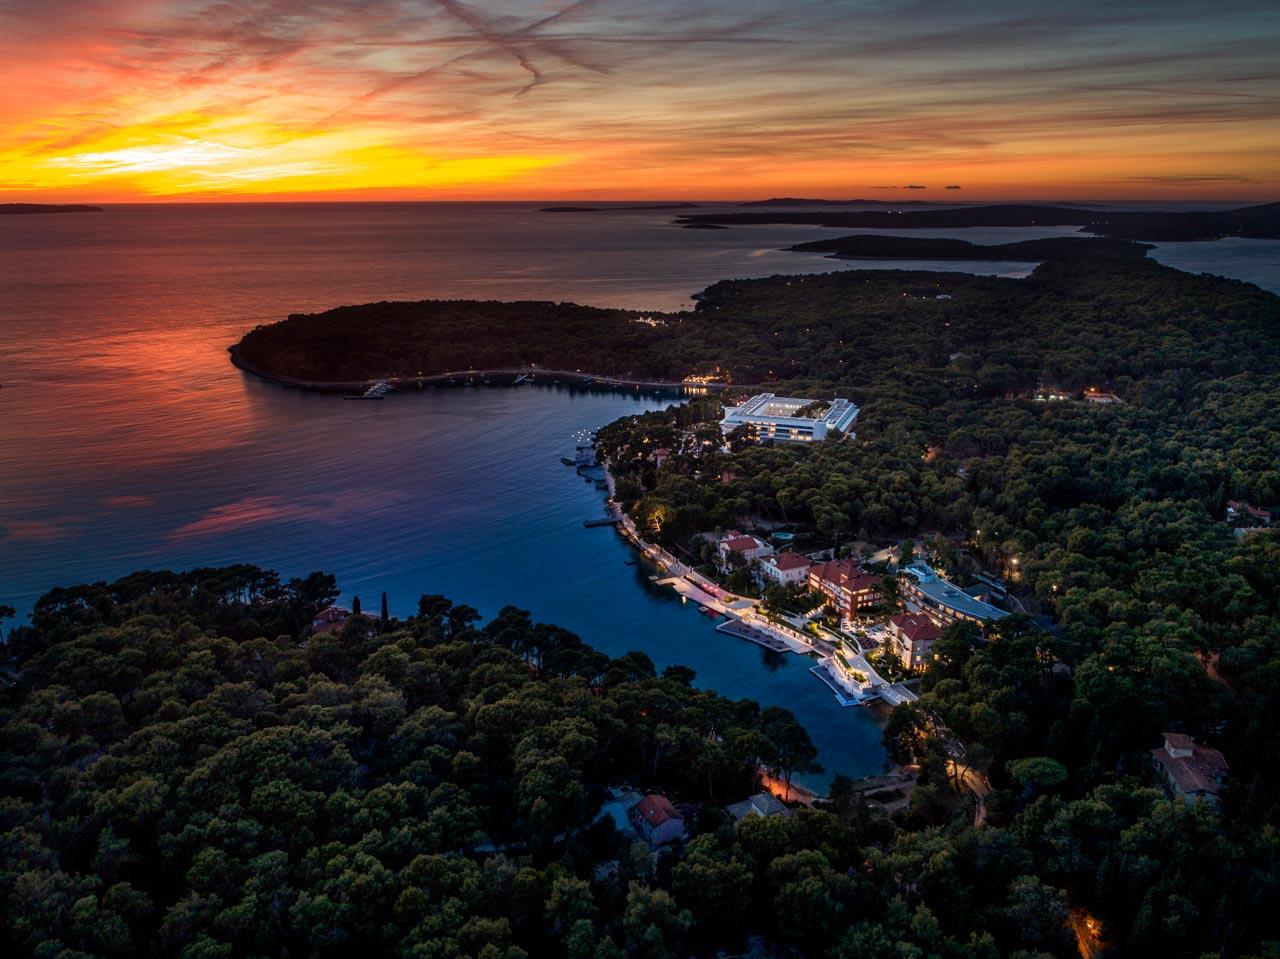 Fotografija hotela na moru u zalazak sunca